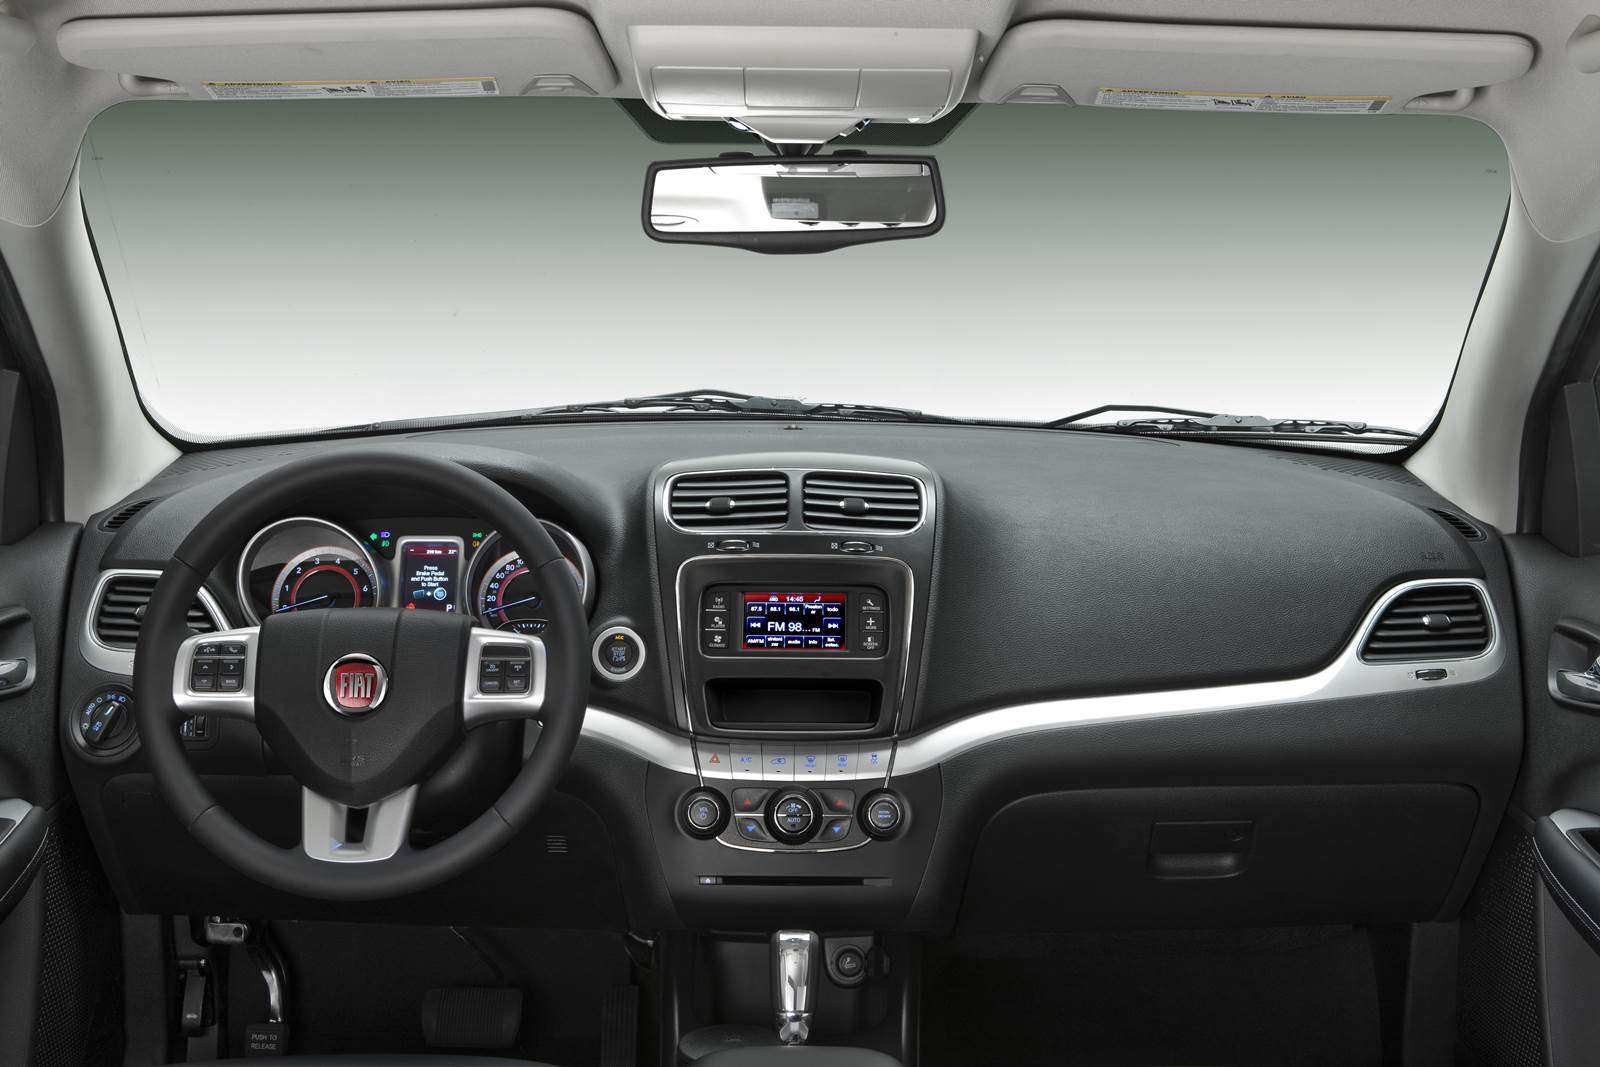 Freemont Fiat 2018 >> Fiat Freemont 2015: preços partem de R$ 98.530 reais | CAR.BLOG.BR